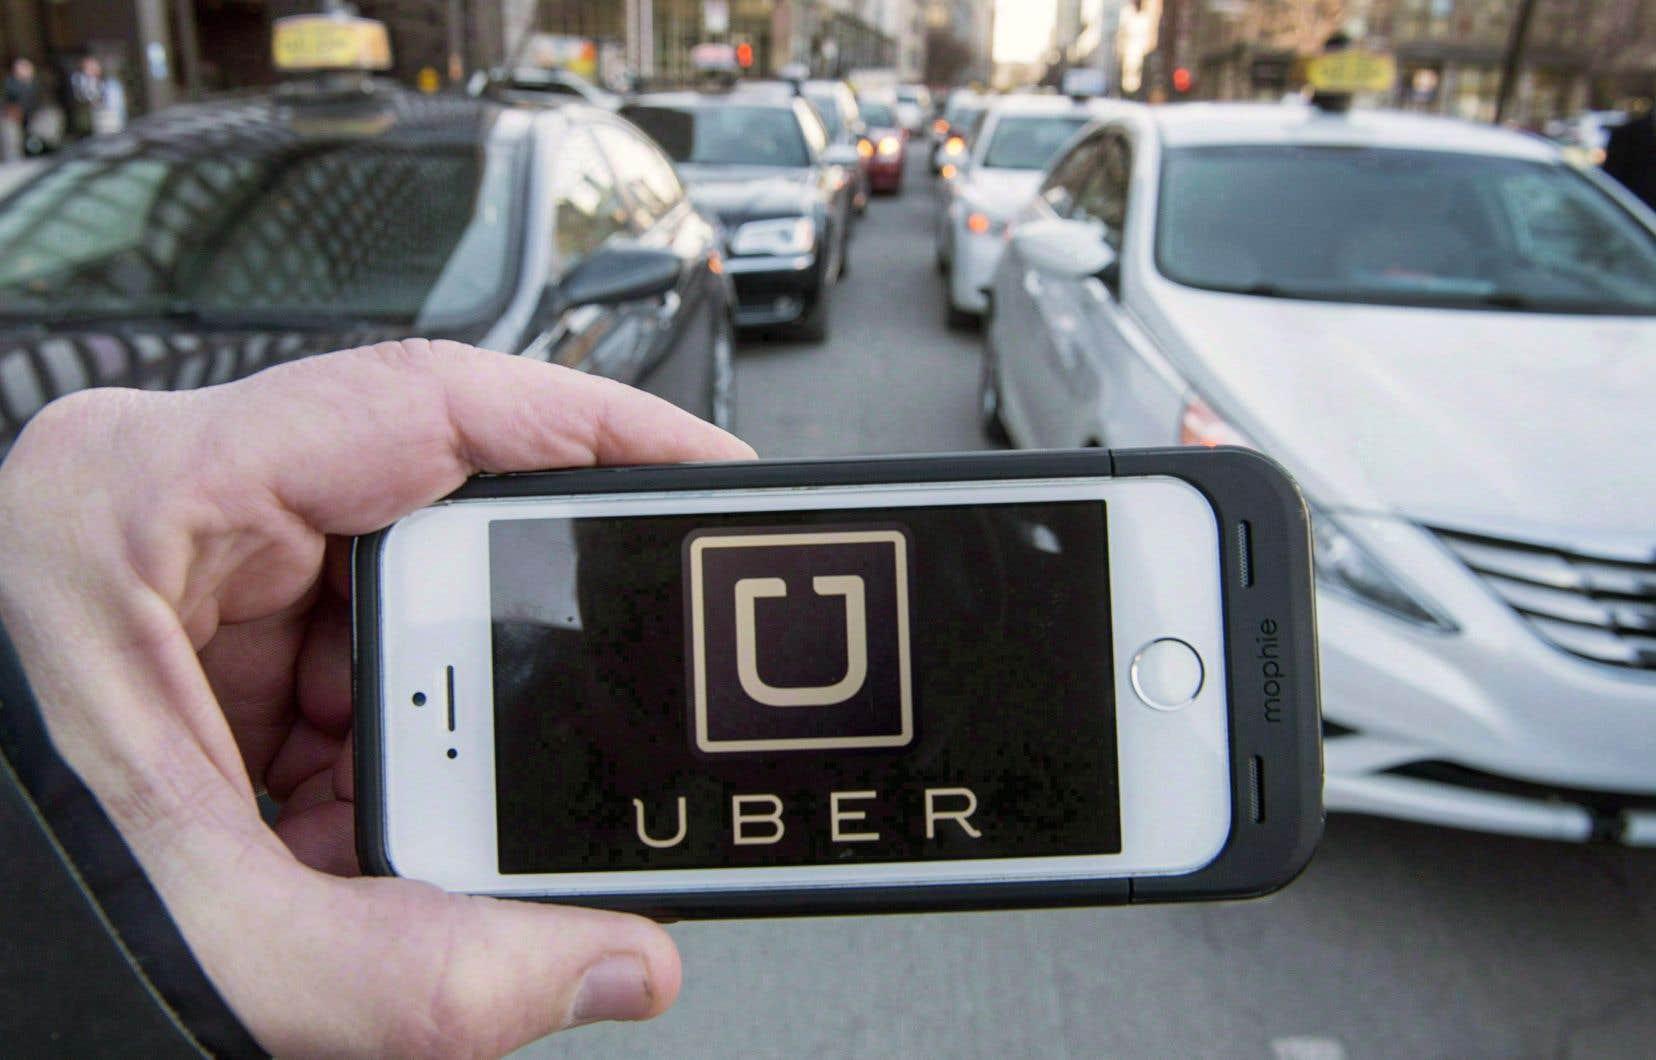 Uber est l'exemple type d'une entreprise à la croissance fulgurante et à la réputation très cabossée: critiques sur les conditions de travail des chauffeurs, procédures judiciaires en pagaille, harcèlement sexuel et piratage massif de données…